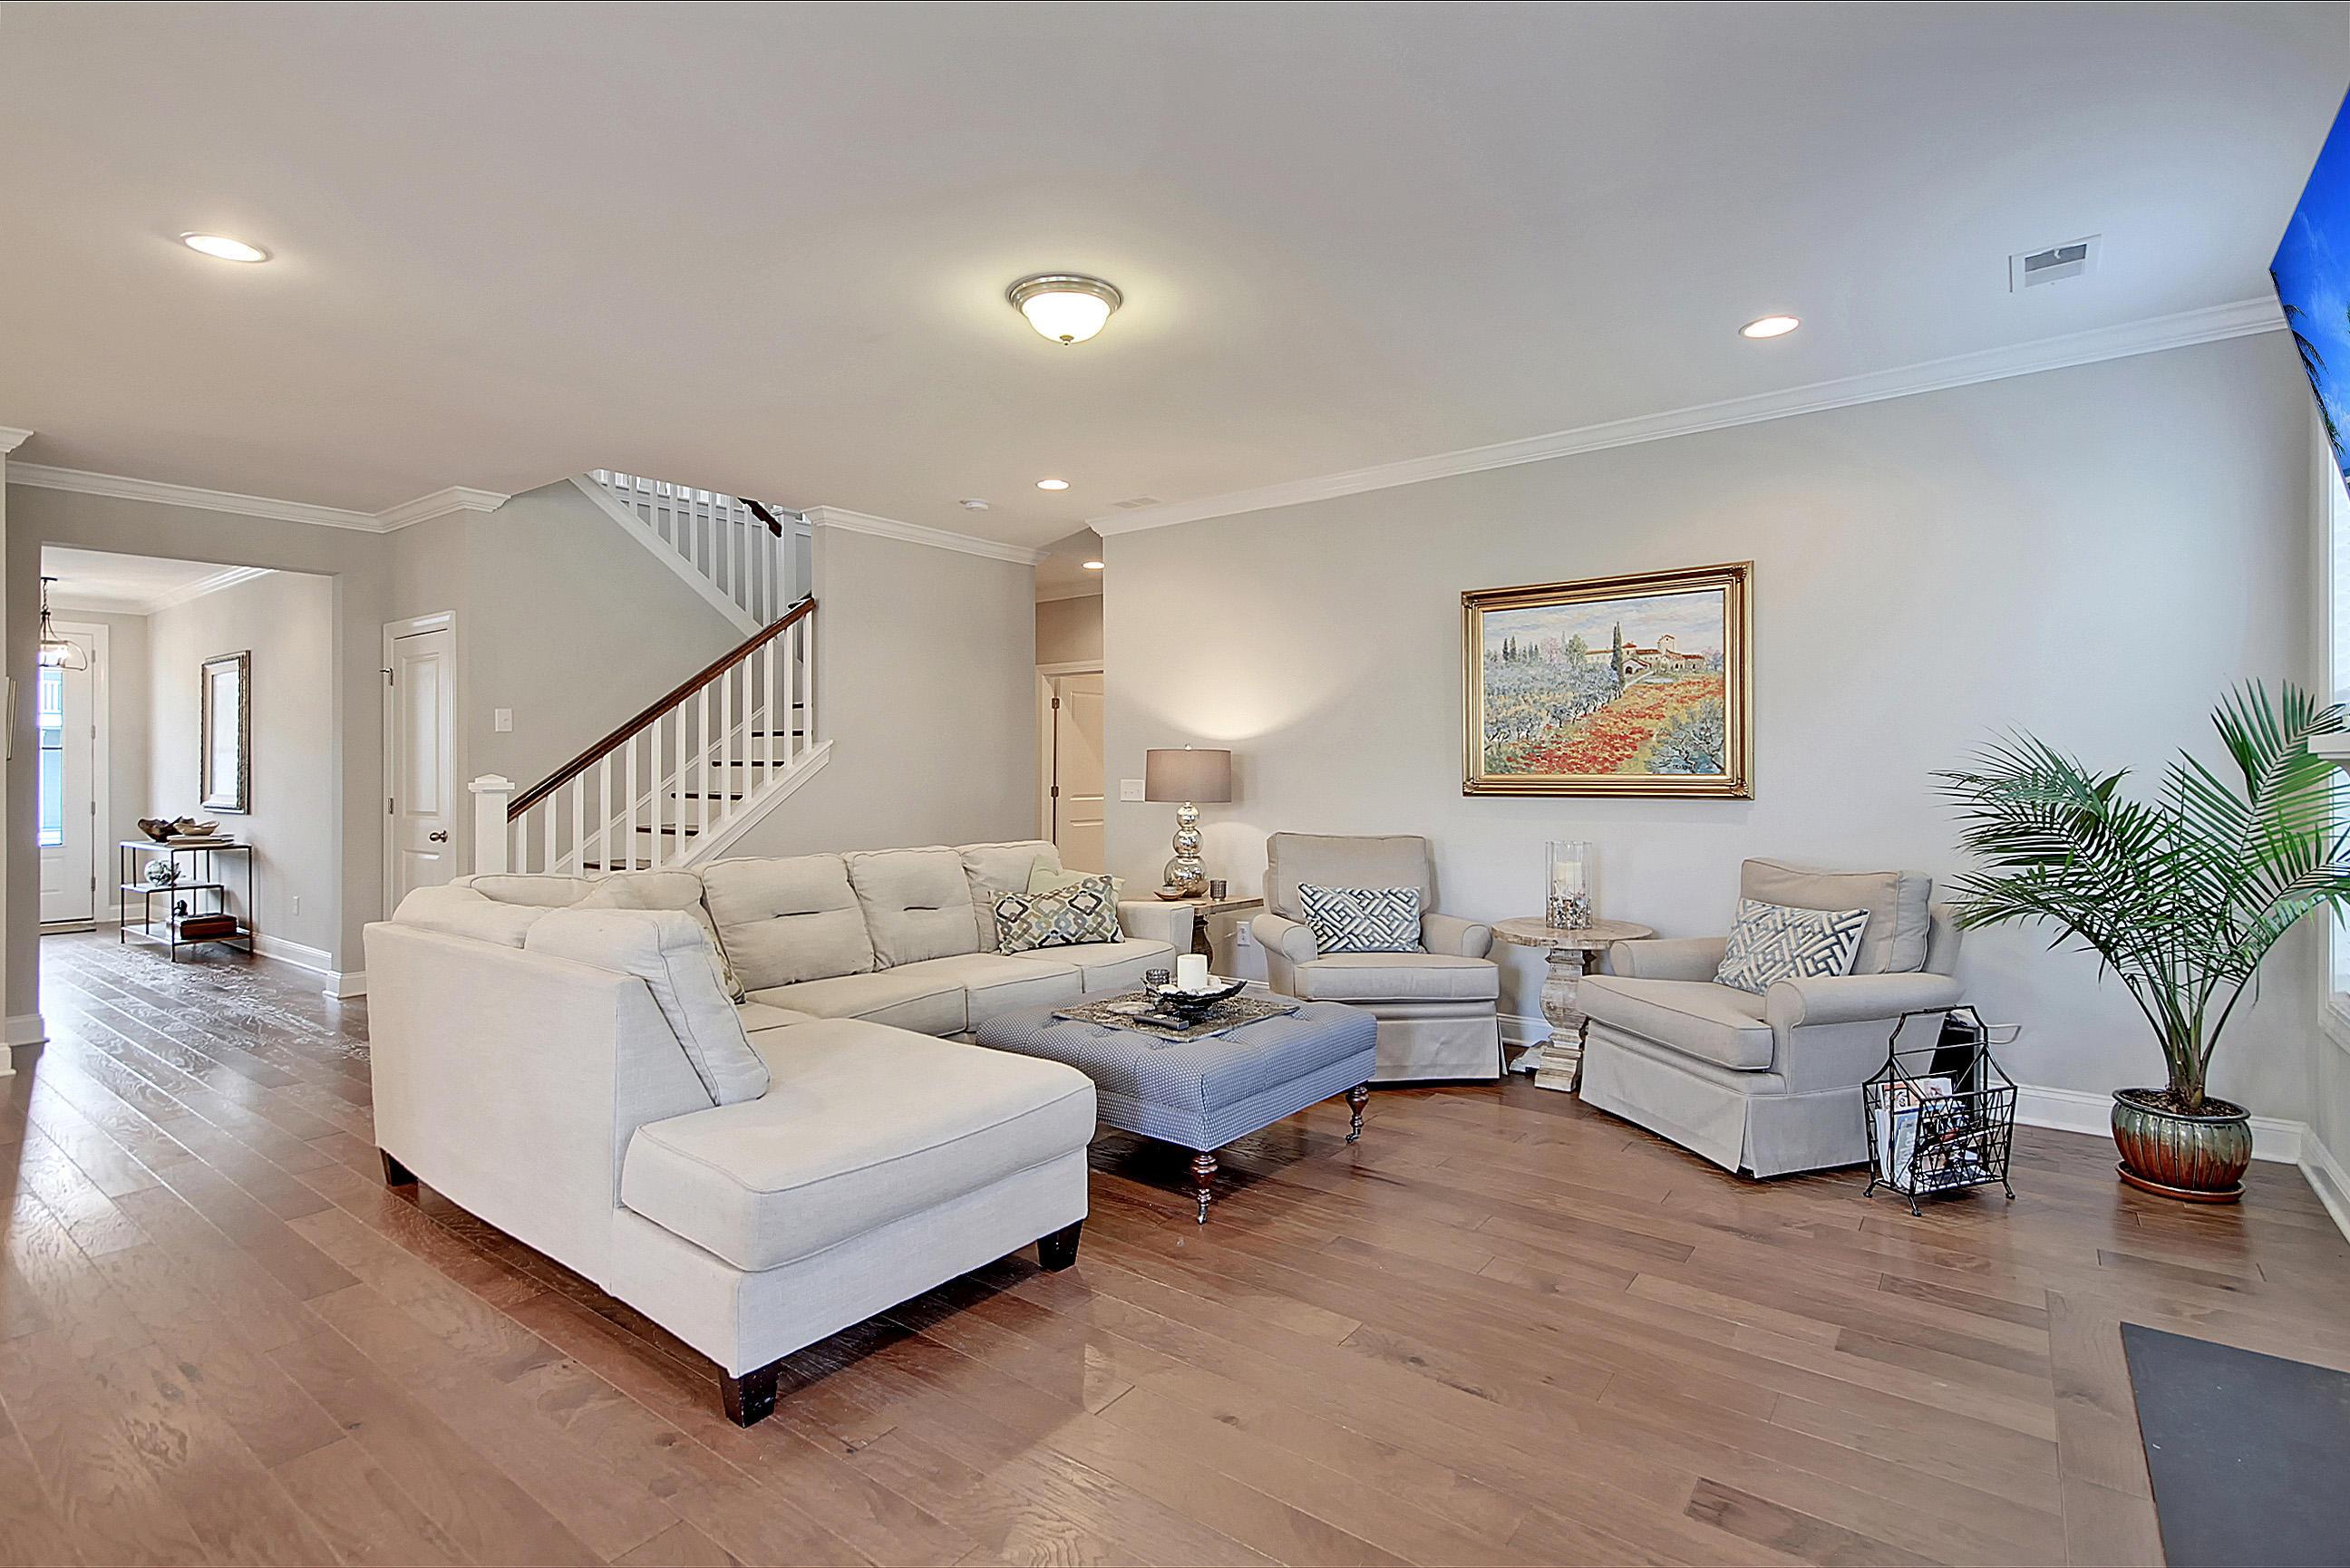 Park West Homes For Sale - 1534 Trumpington, Mount Pleasant, SC - 23